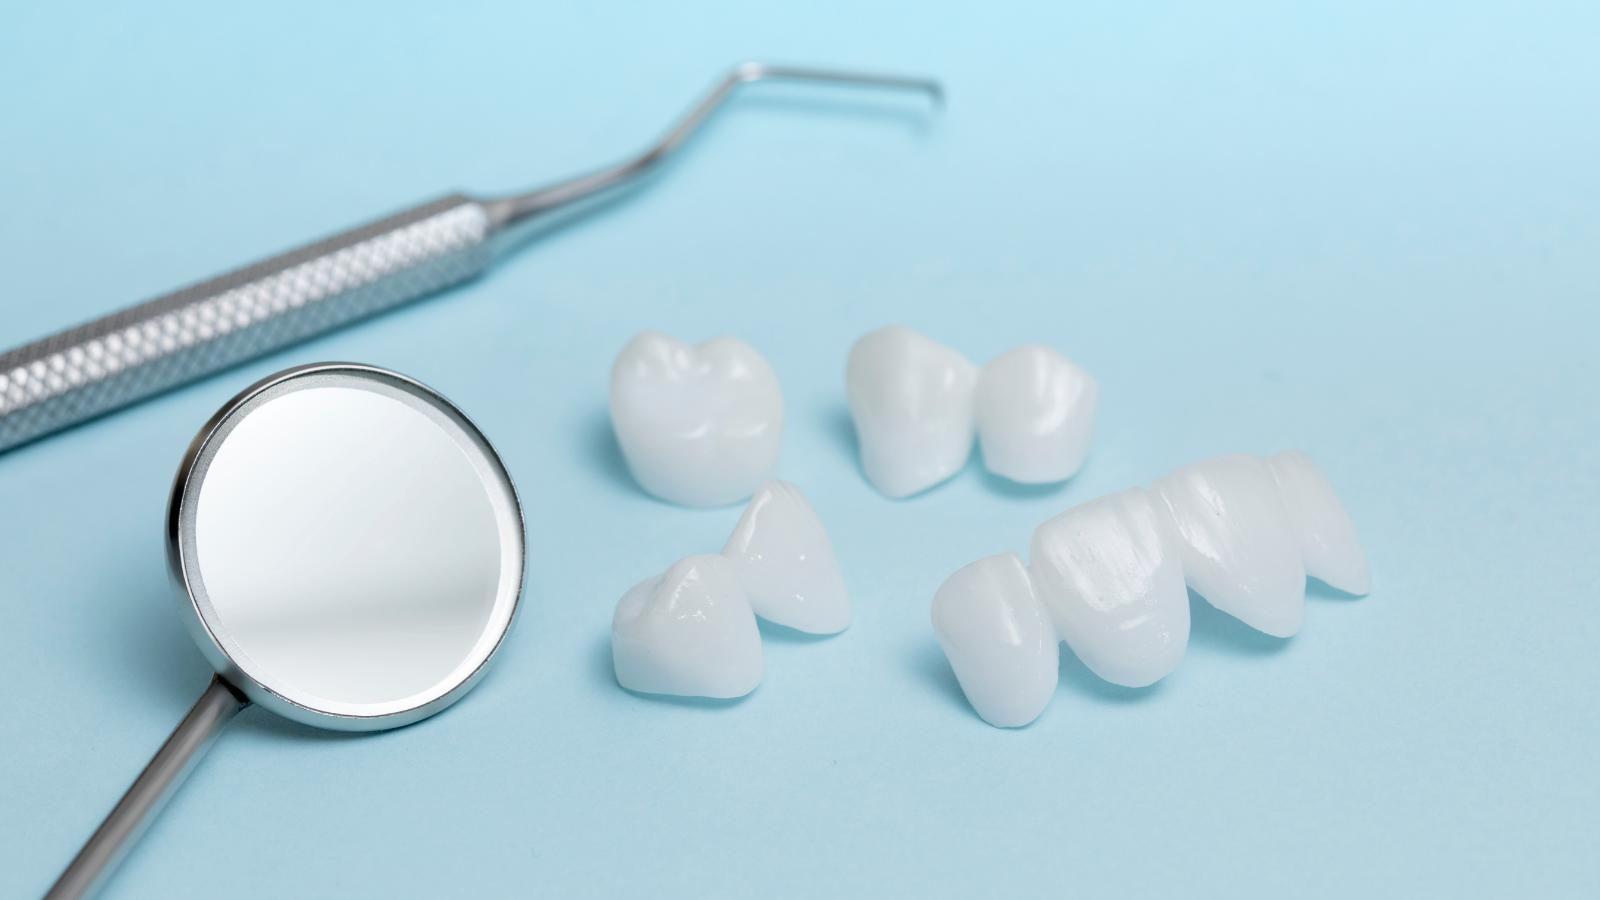 dental tools and veneers